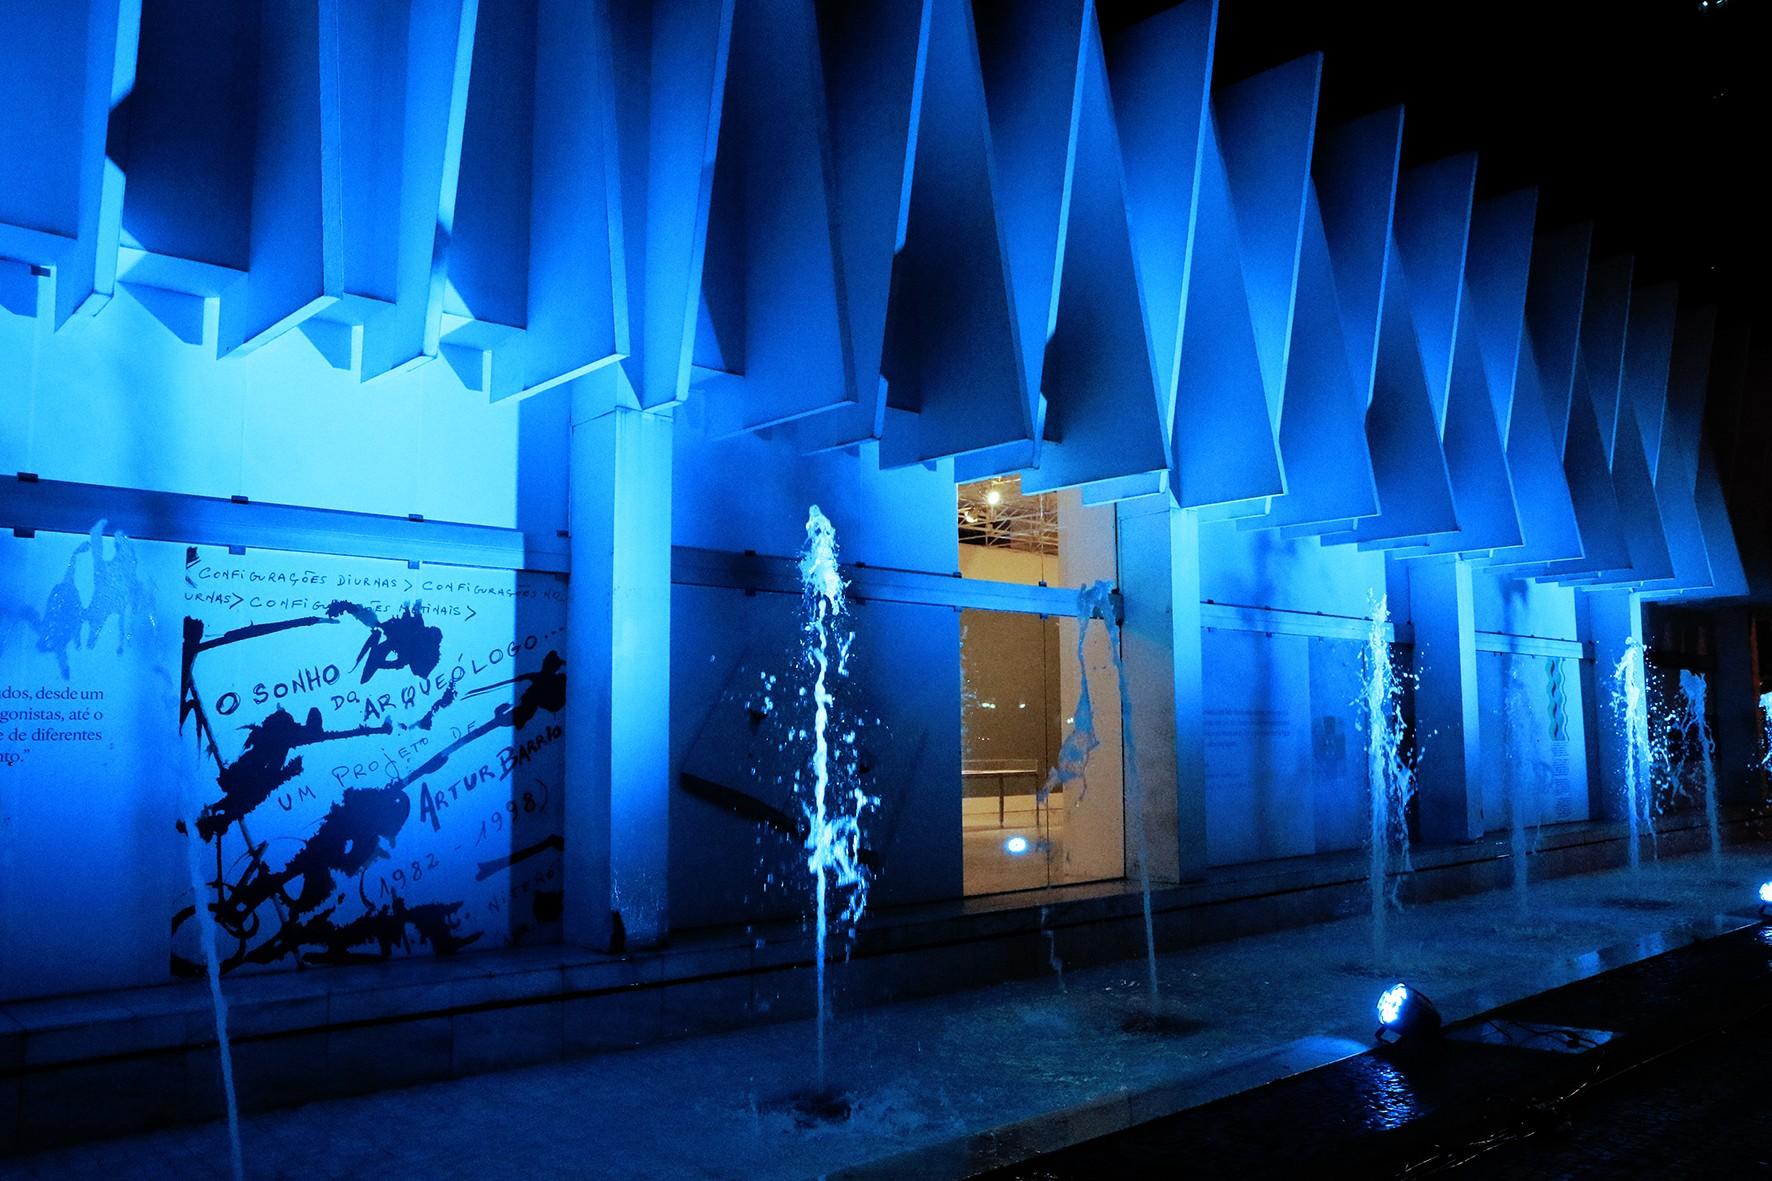 Palácio das Artes recebe 1ª ópera com presença de público desde o início da pandemia neste sábado